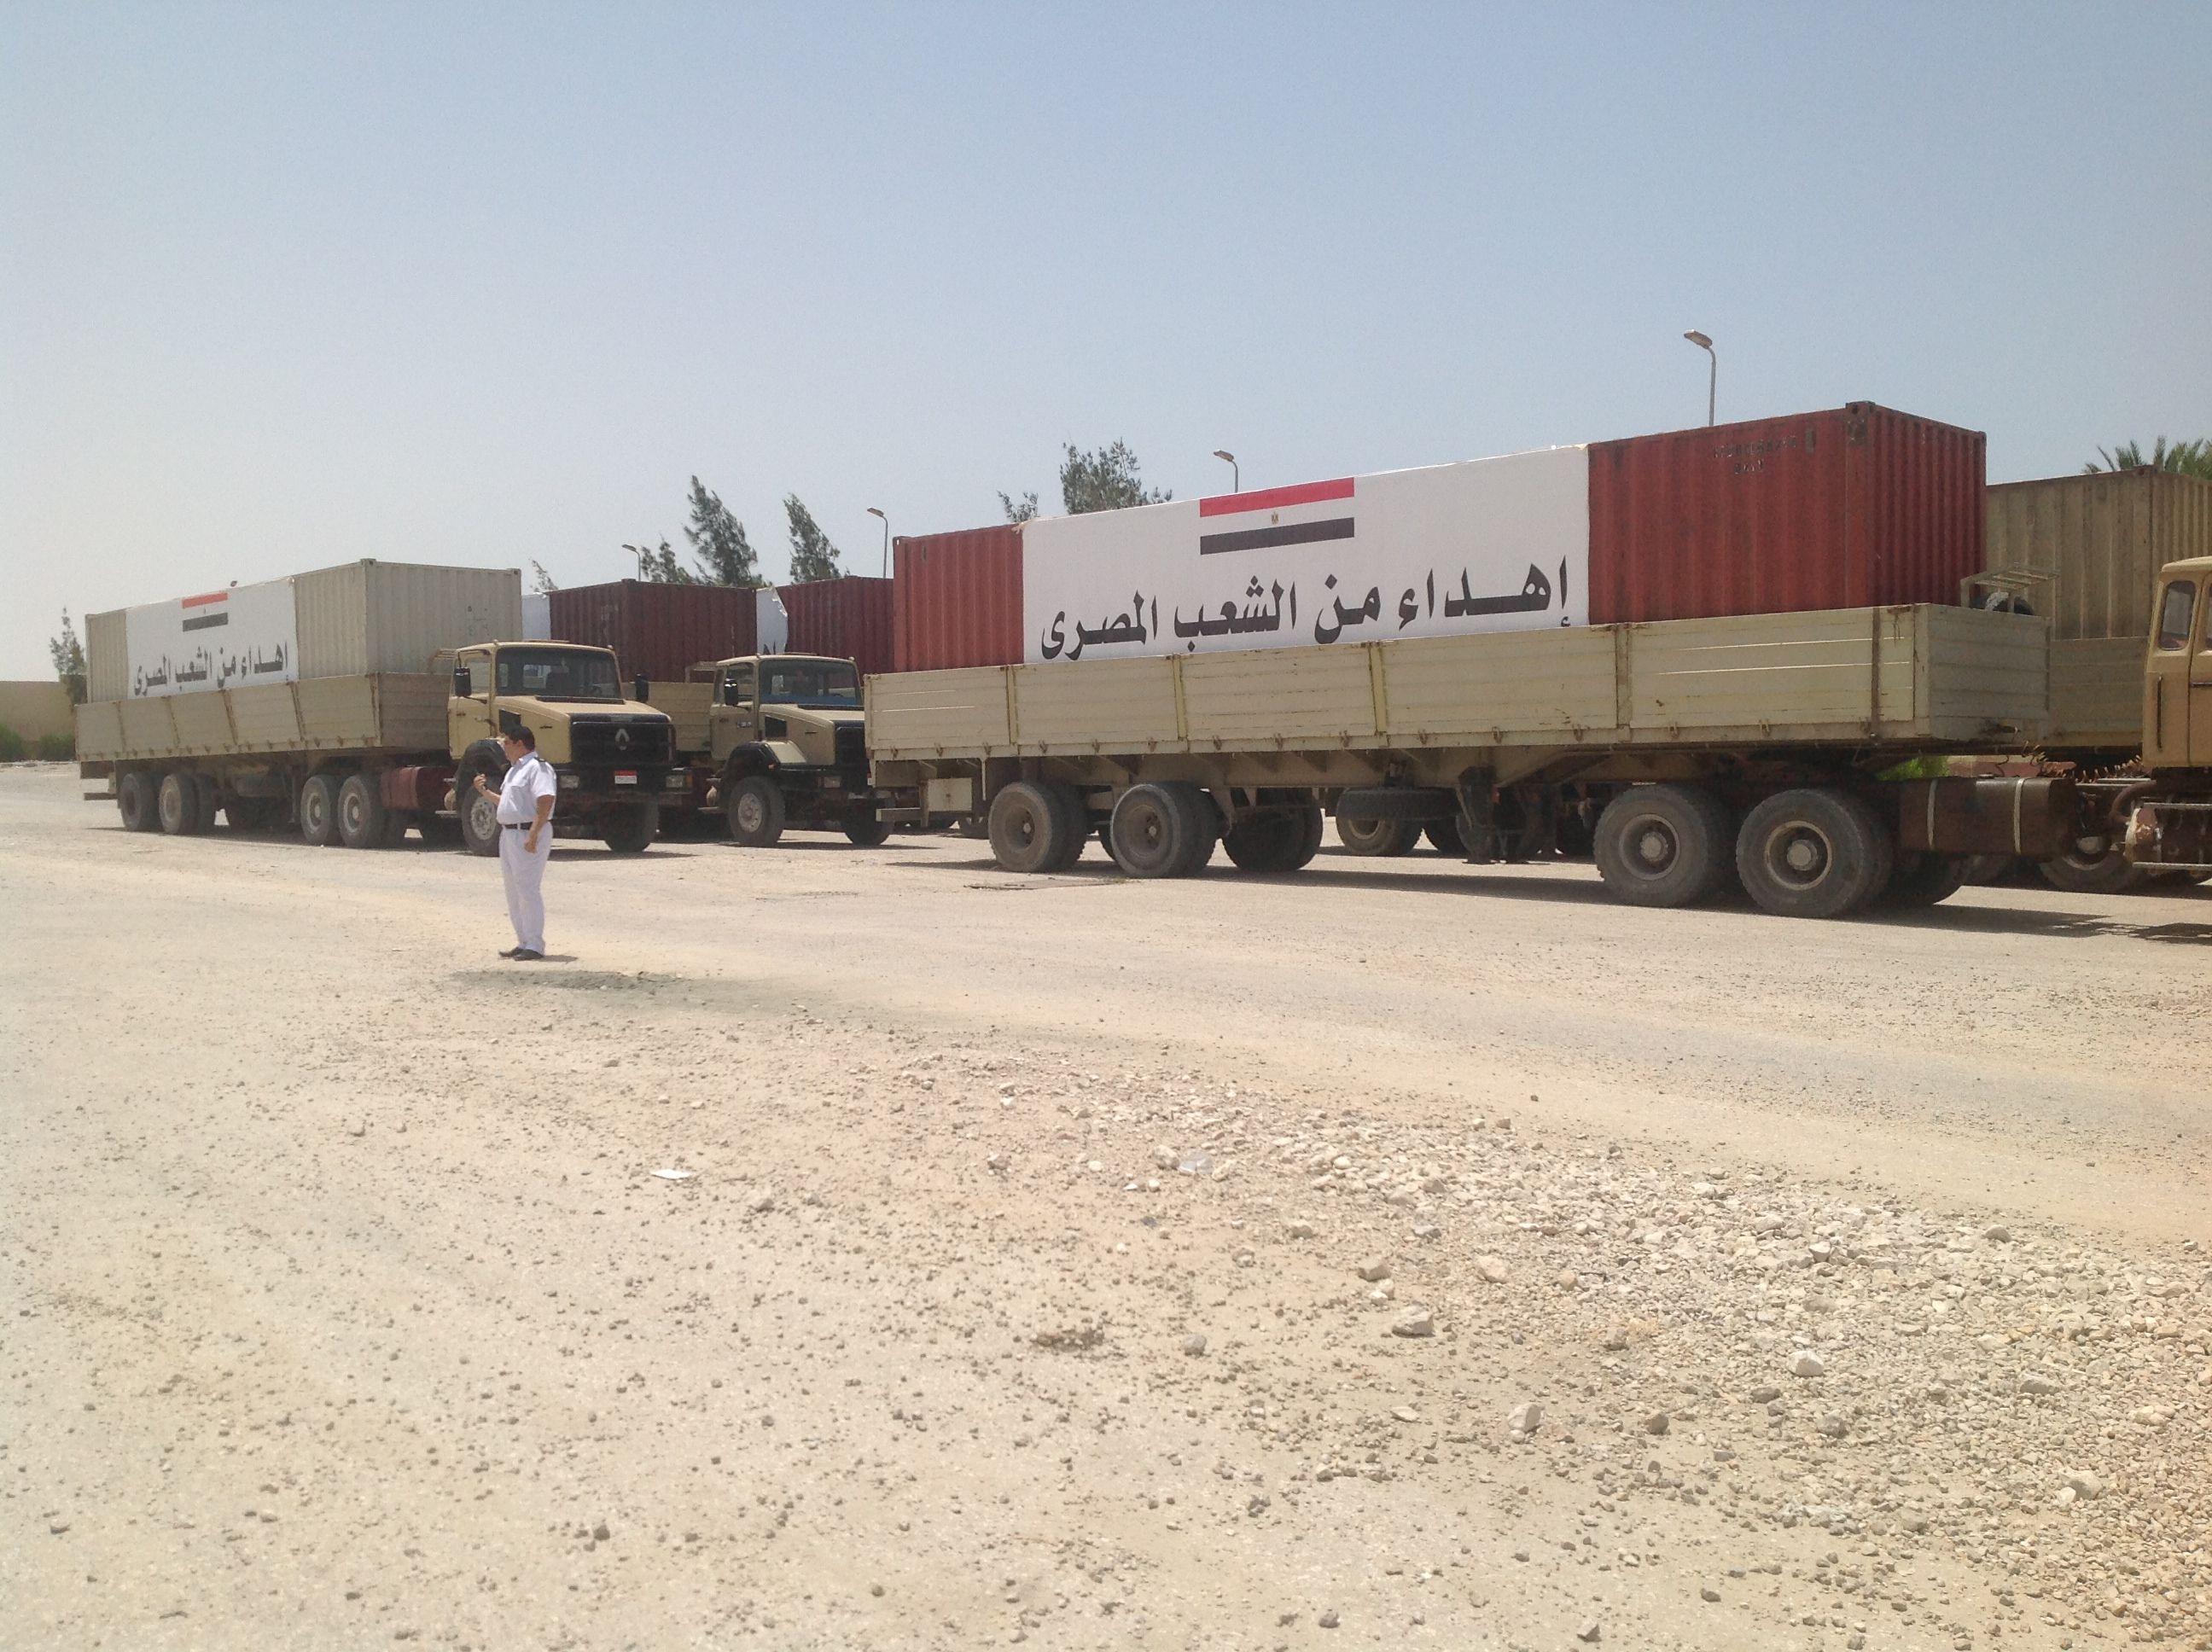 مواد إغاثة من الجيش المصري قبل عبورها معبر رفح في طريقها لقطاع غزة